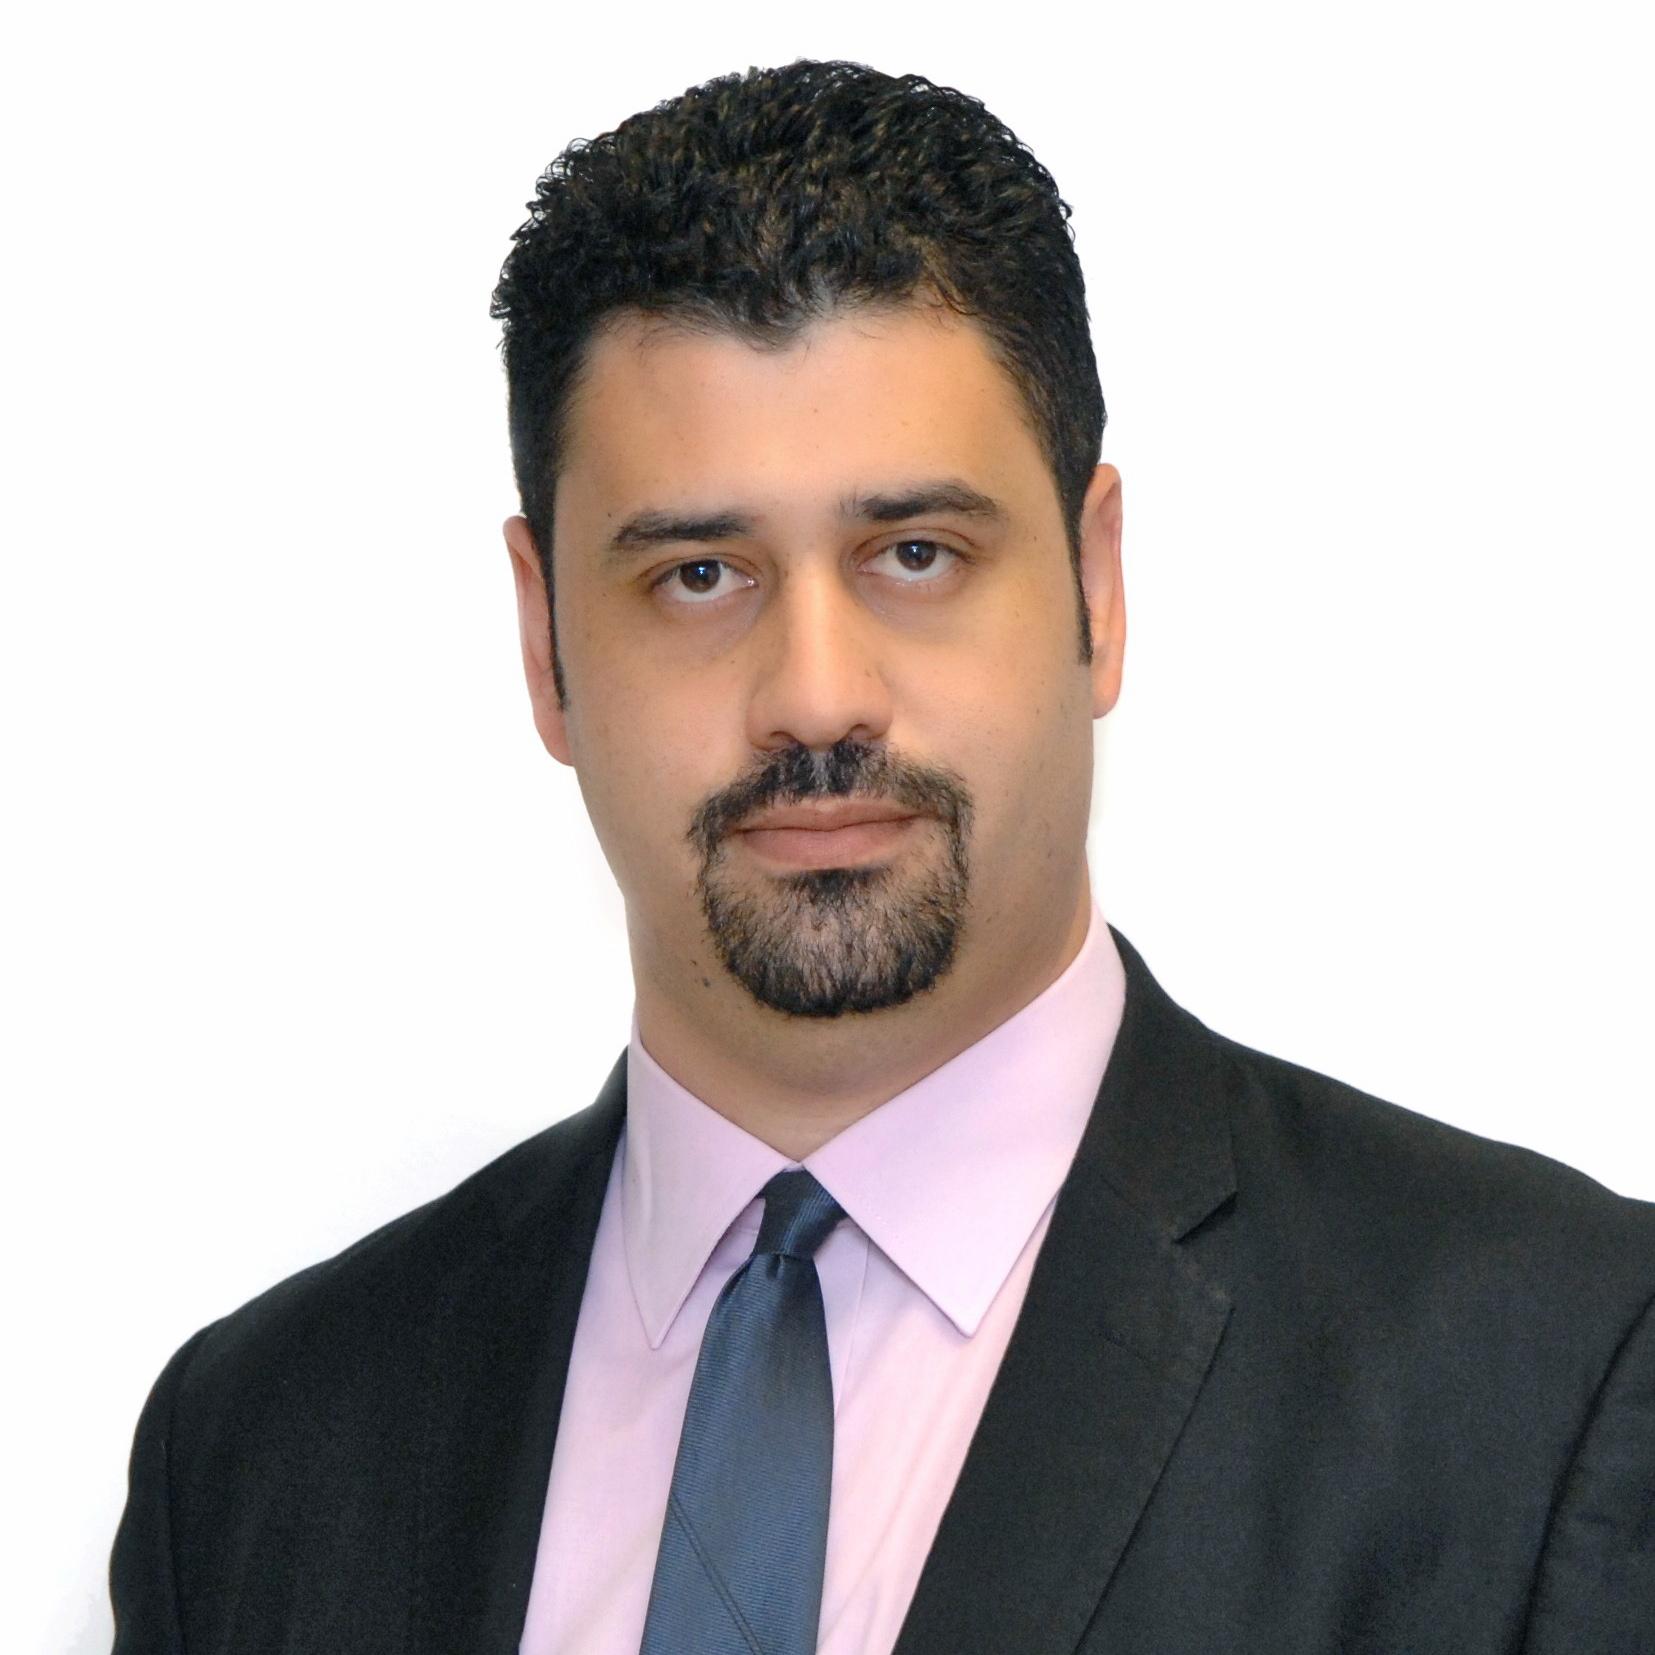 Salim Zid